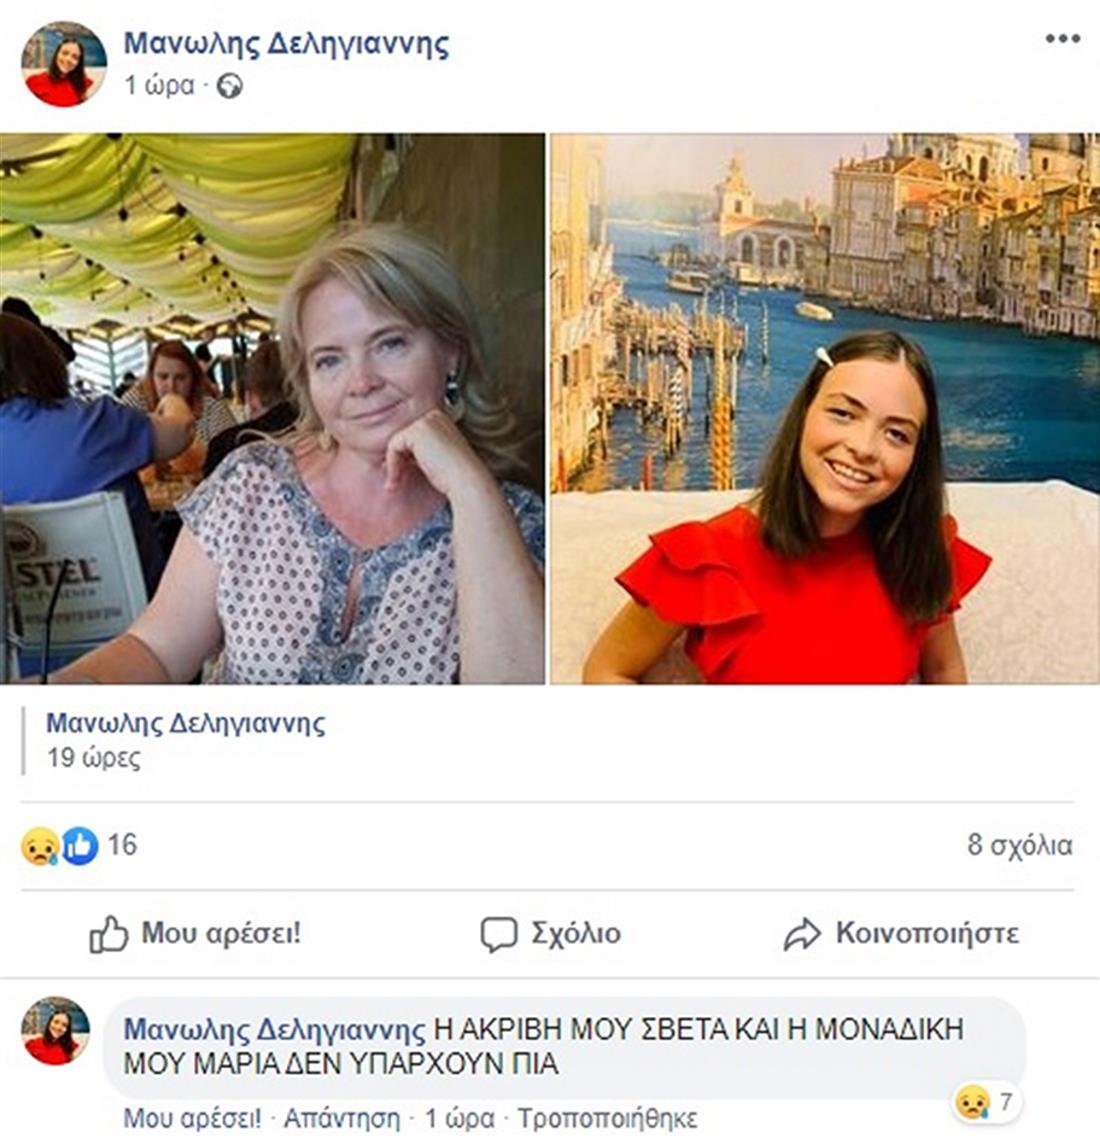 17χρονη - Μαρία Δεληγιάννη - Σβέτα - ανάρτηση - facebook - πατέρας